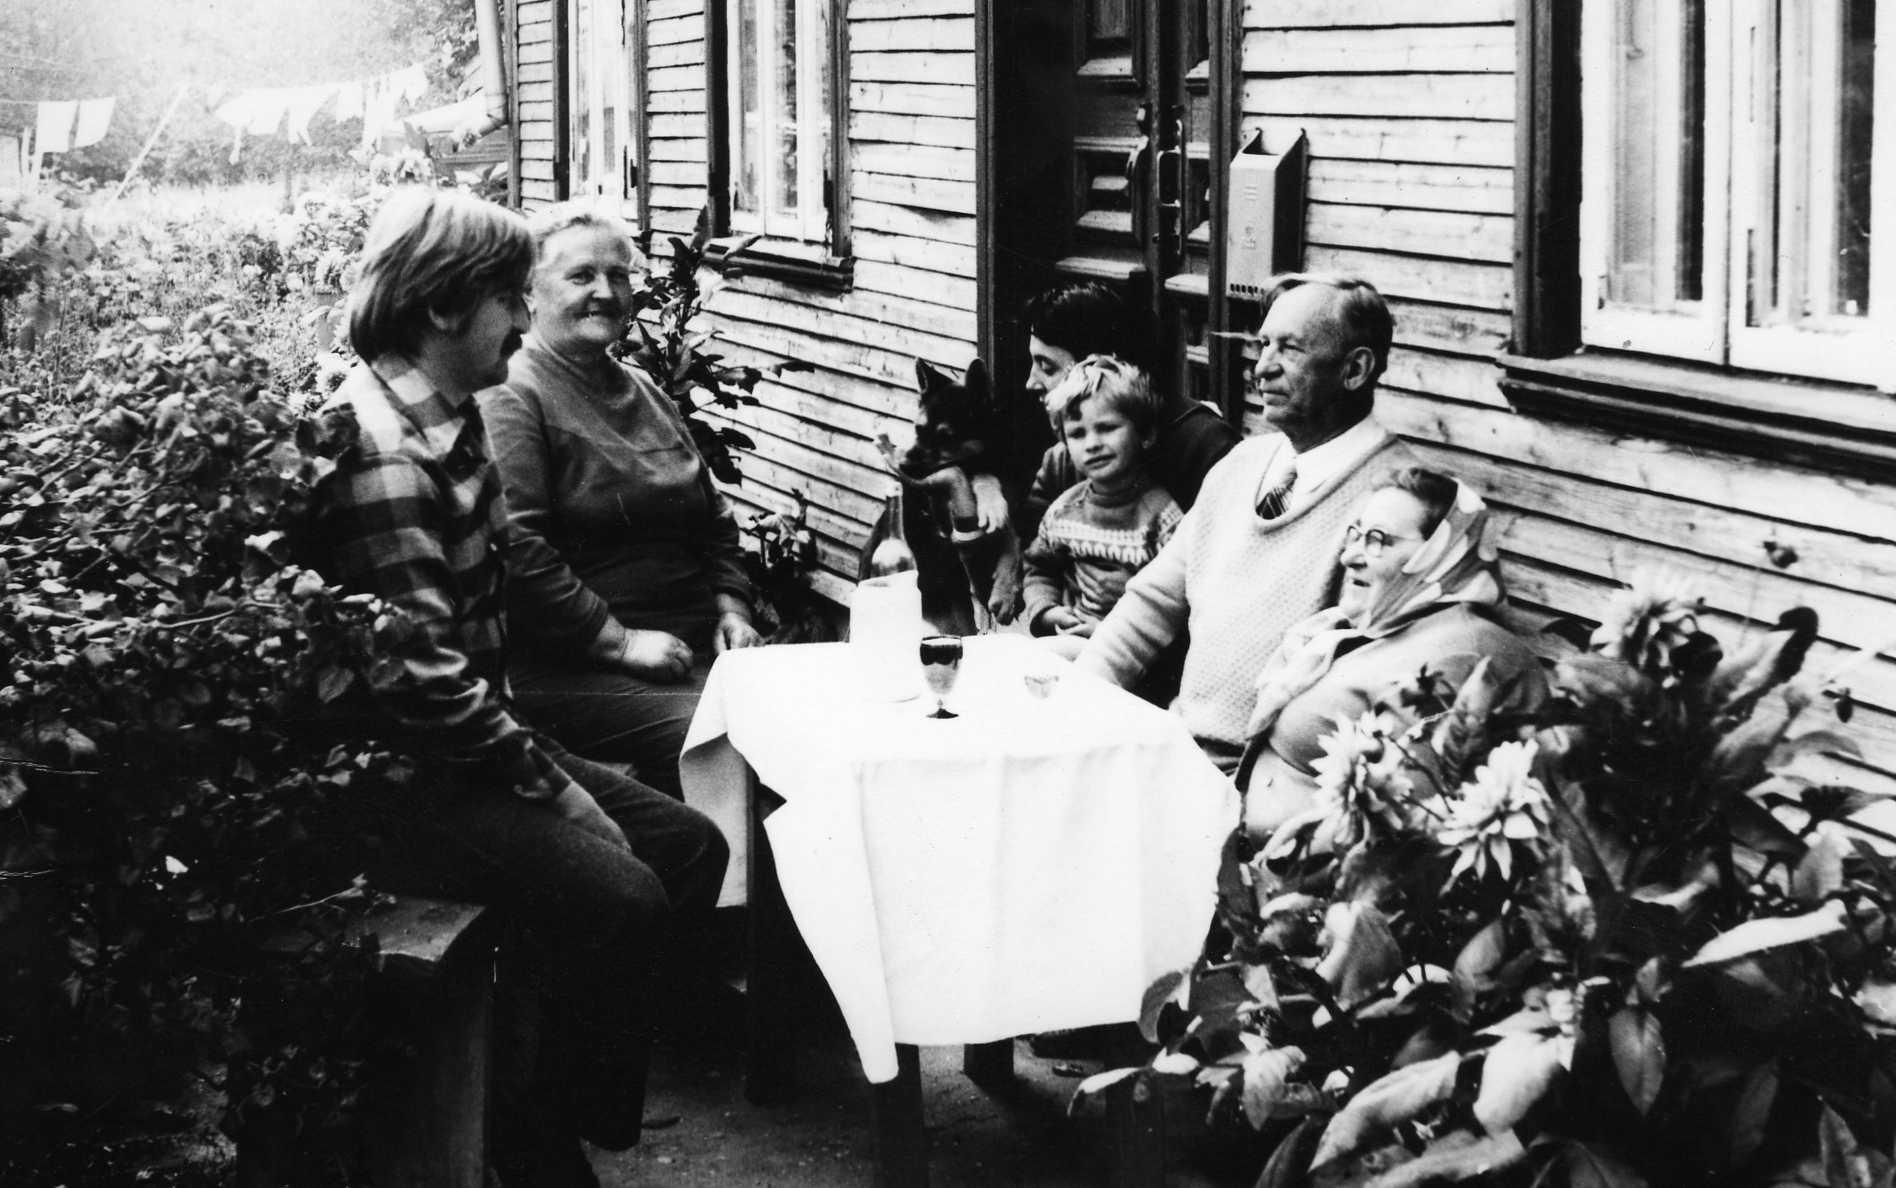 Vasinauskų gimtinėje. Profesorius, agronomas Petras Vasinauskas sėdi antras iš dešinės